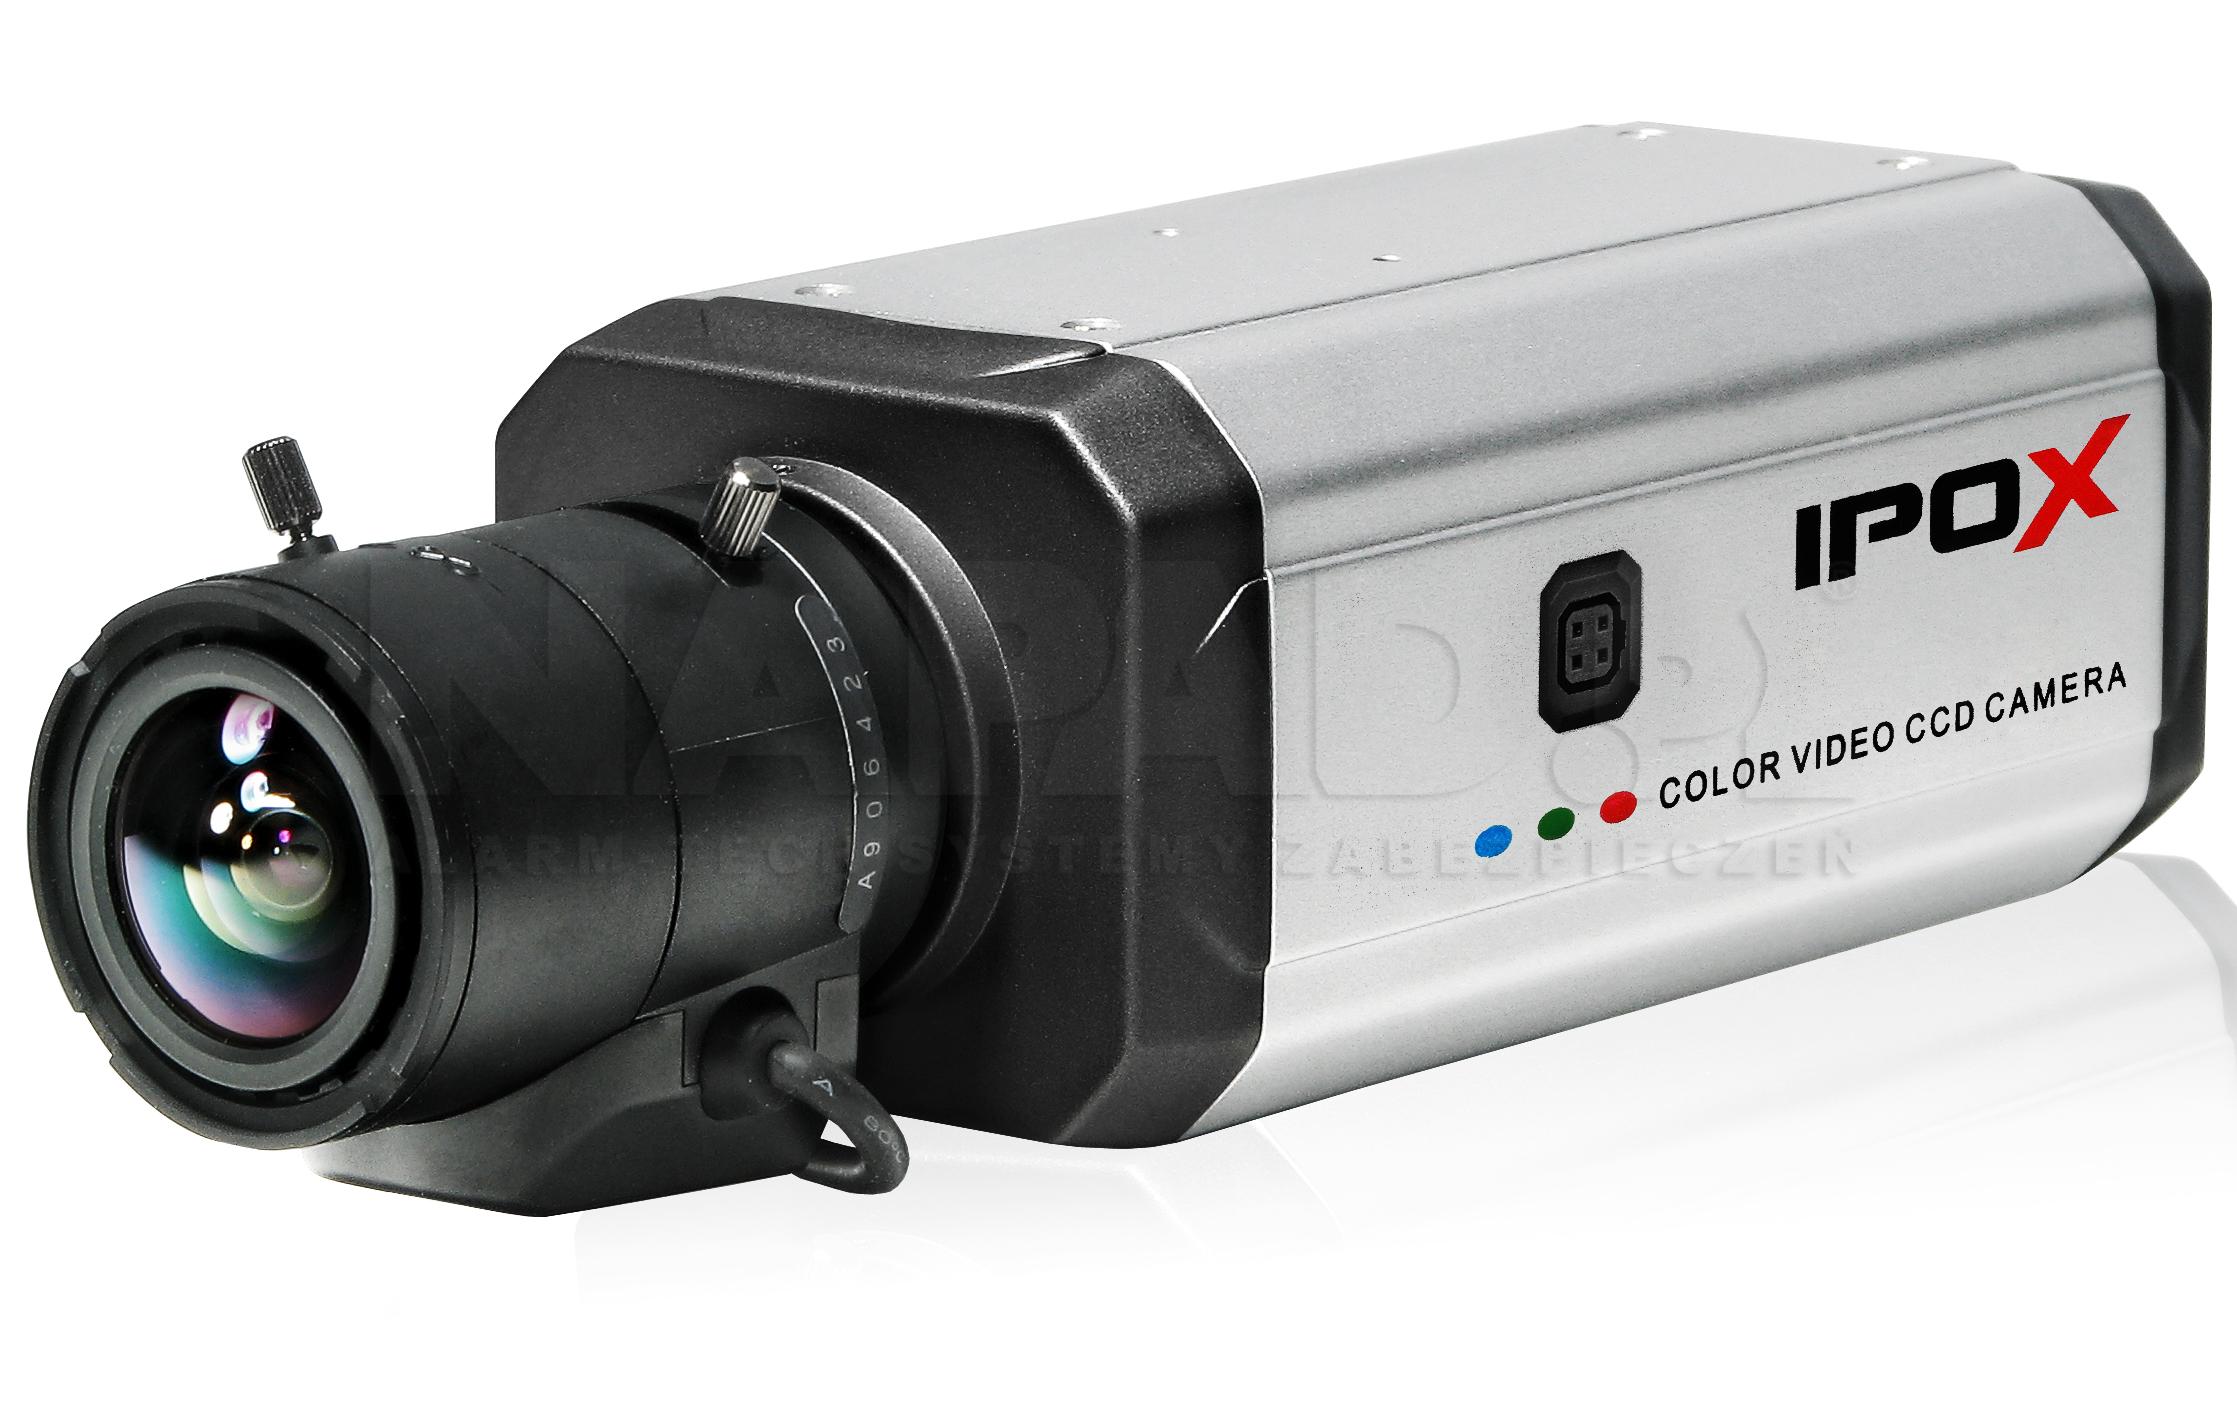 Przykład kamery IPOX z zamontowanym obiektywem